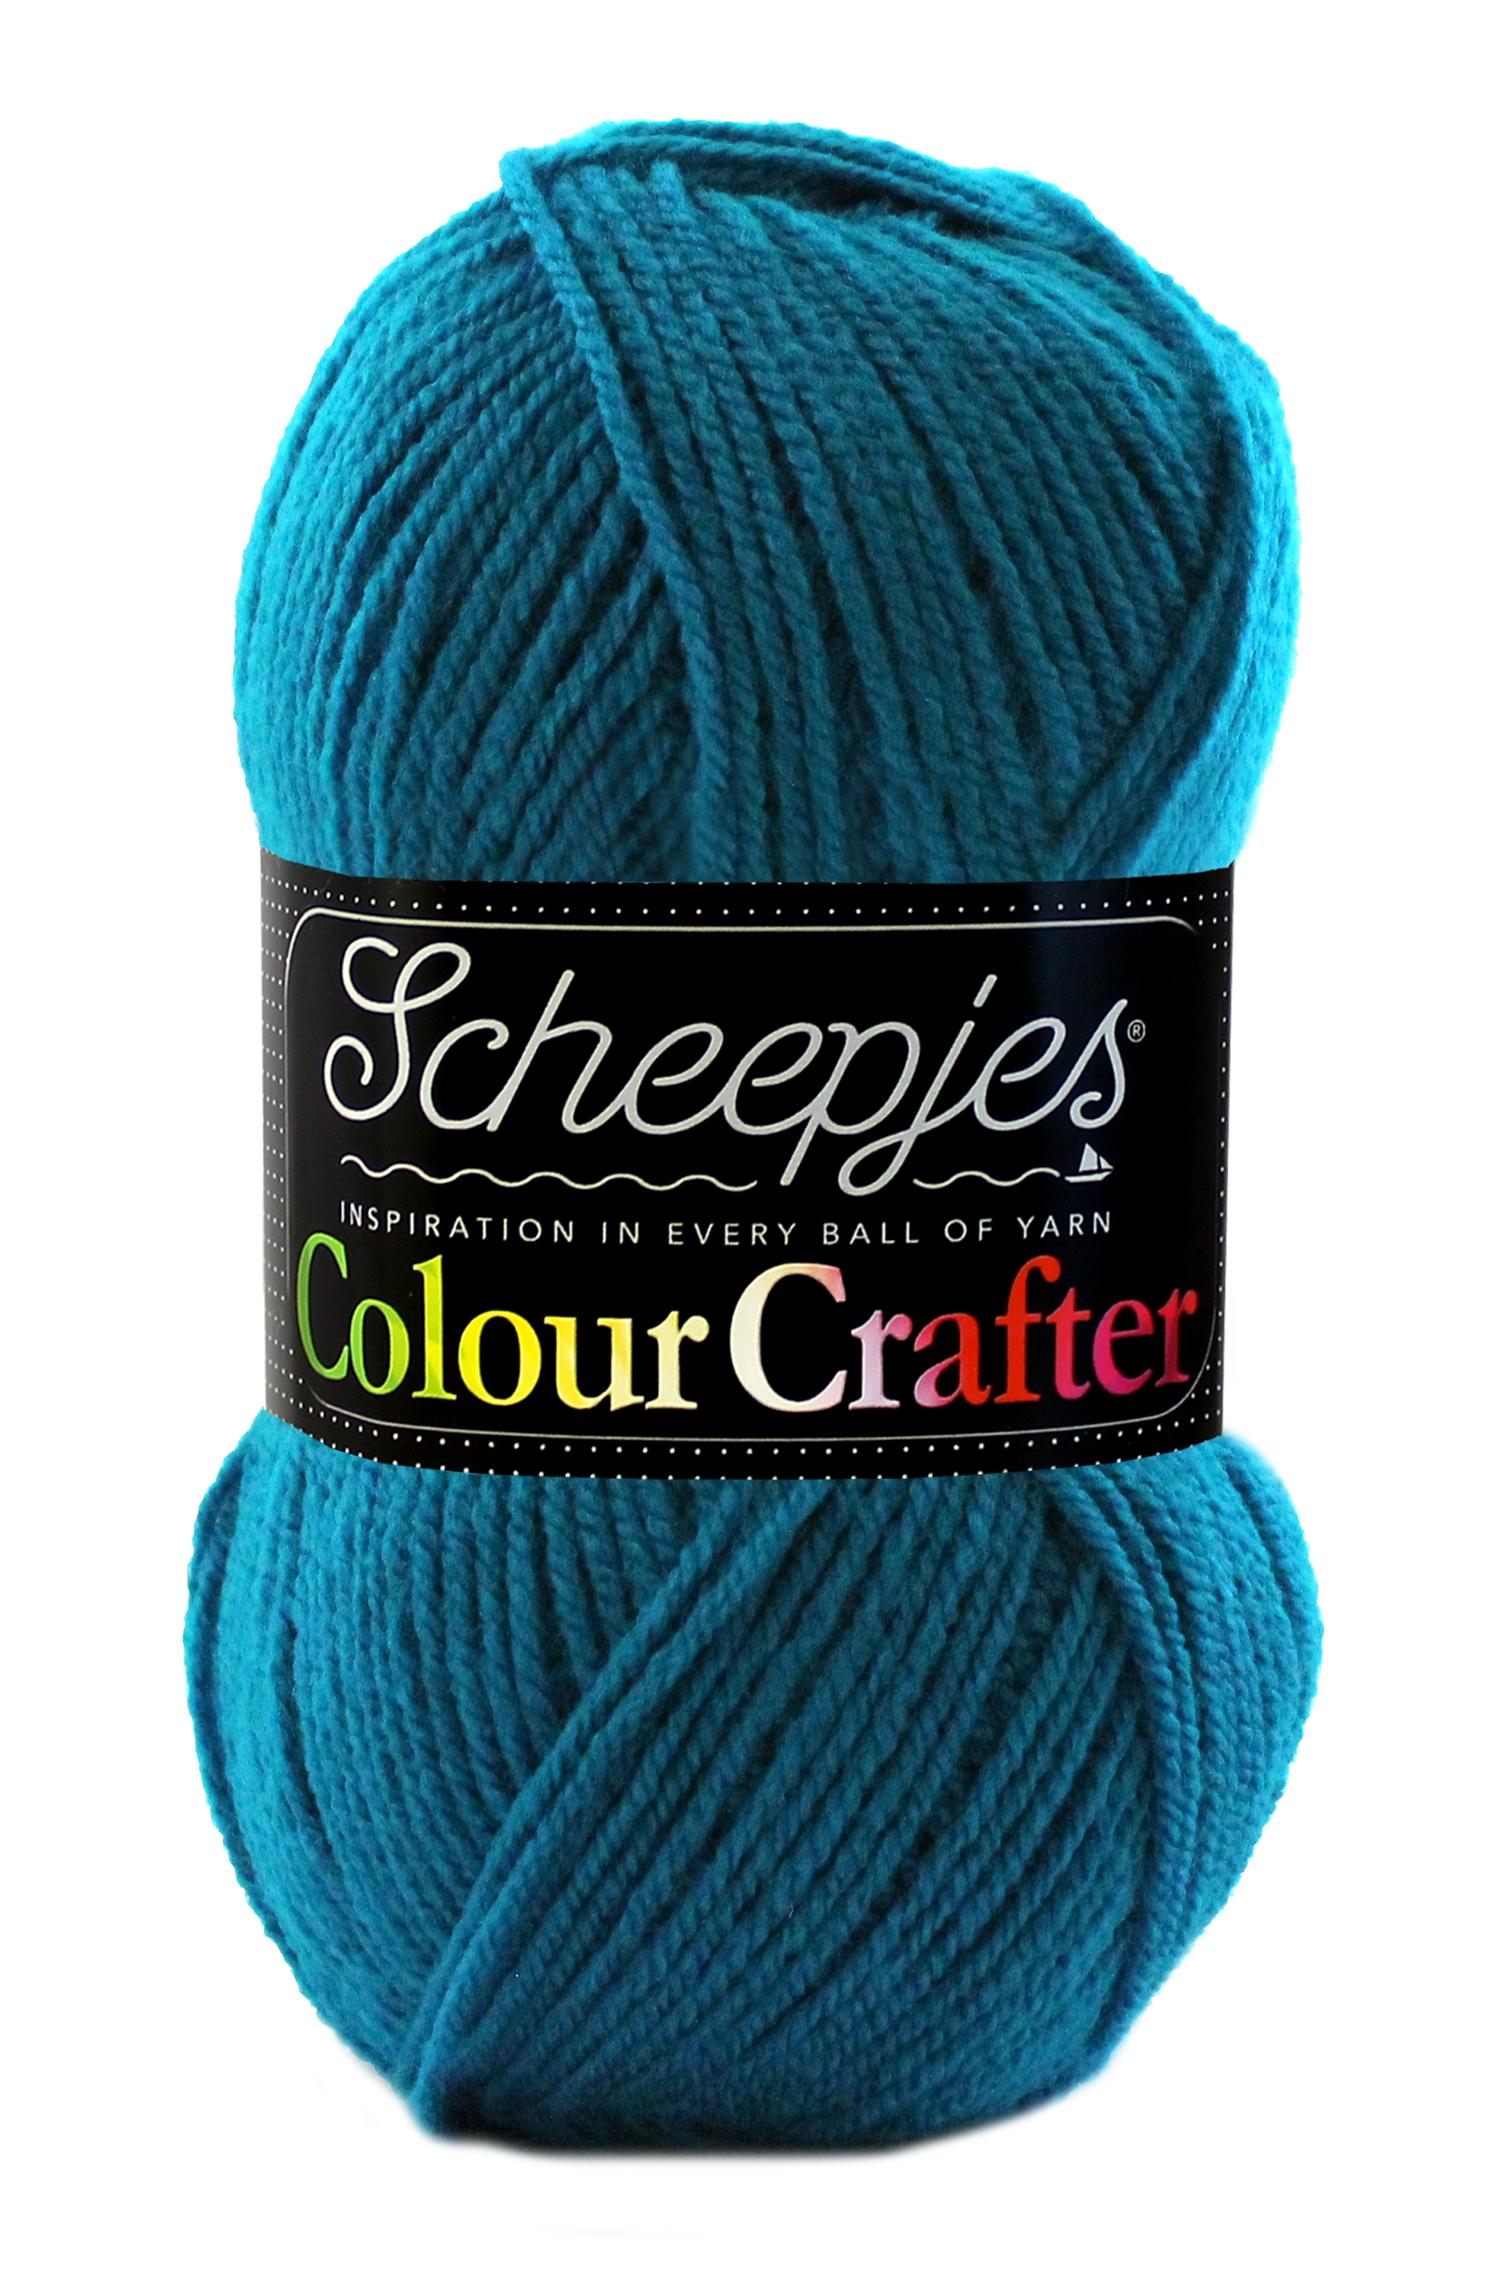 Scheepjes Colour Crafter – Wilnis 1829 | garenhuisukeus.nl